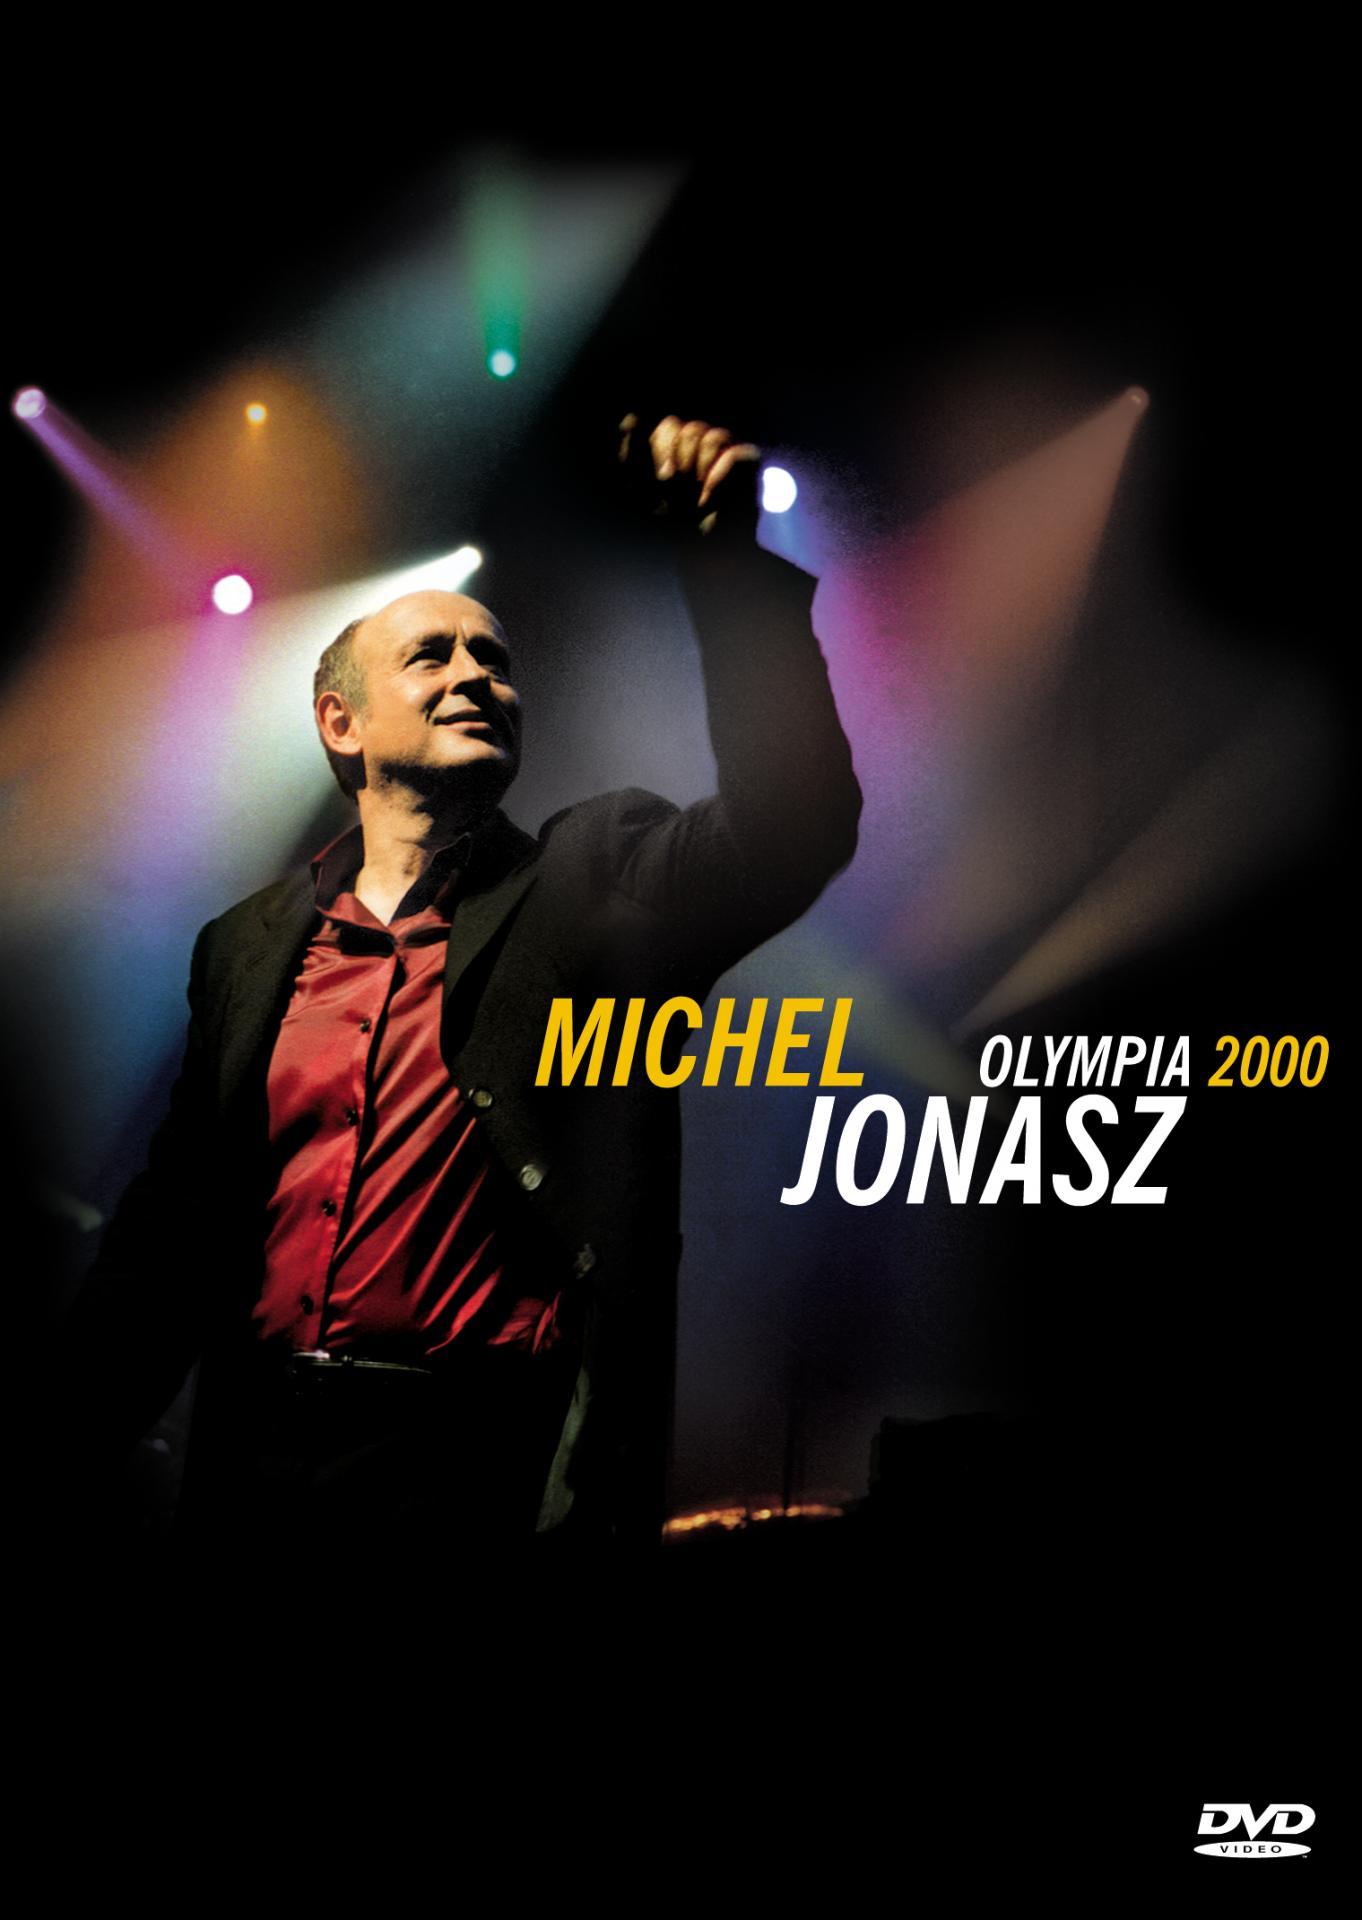 Jonasz olympia dvd